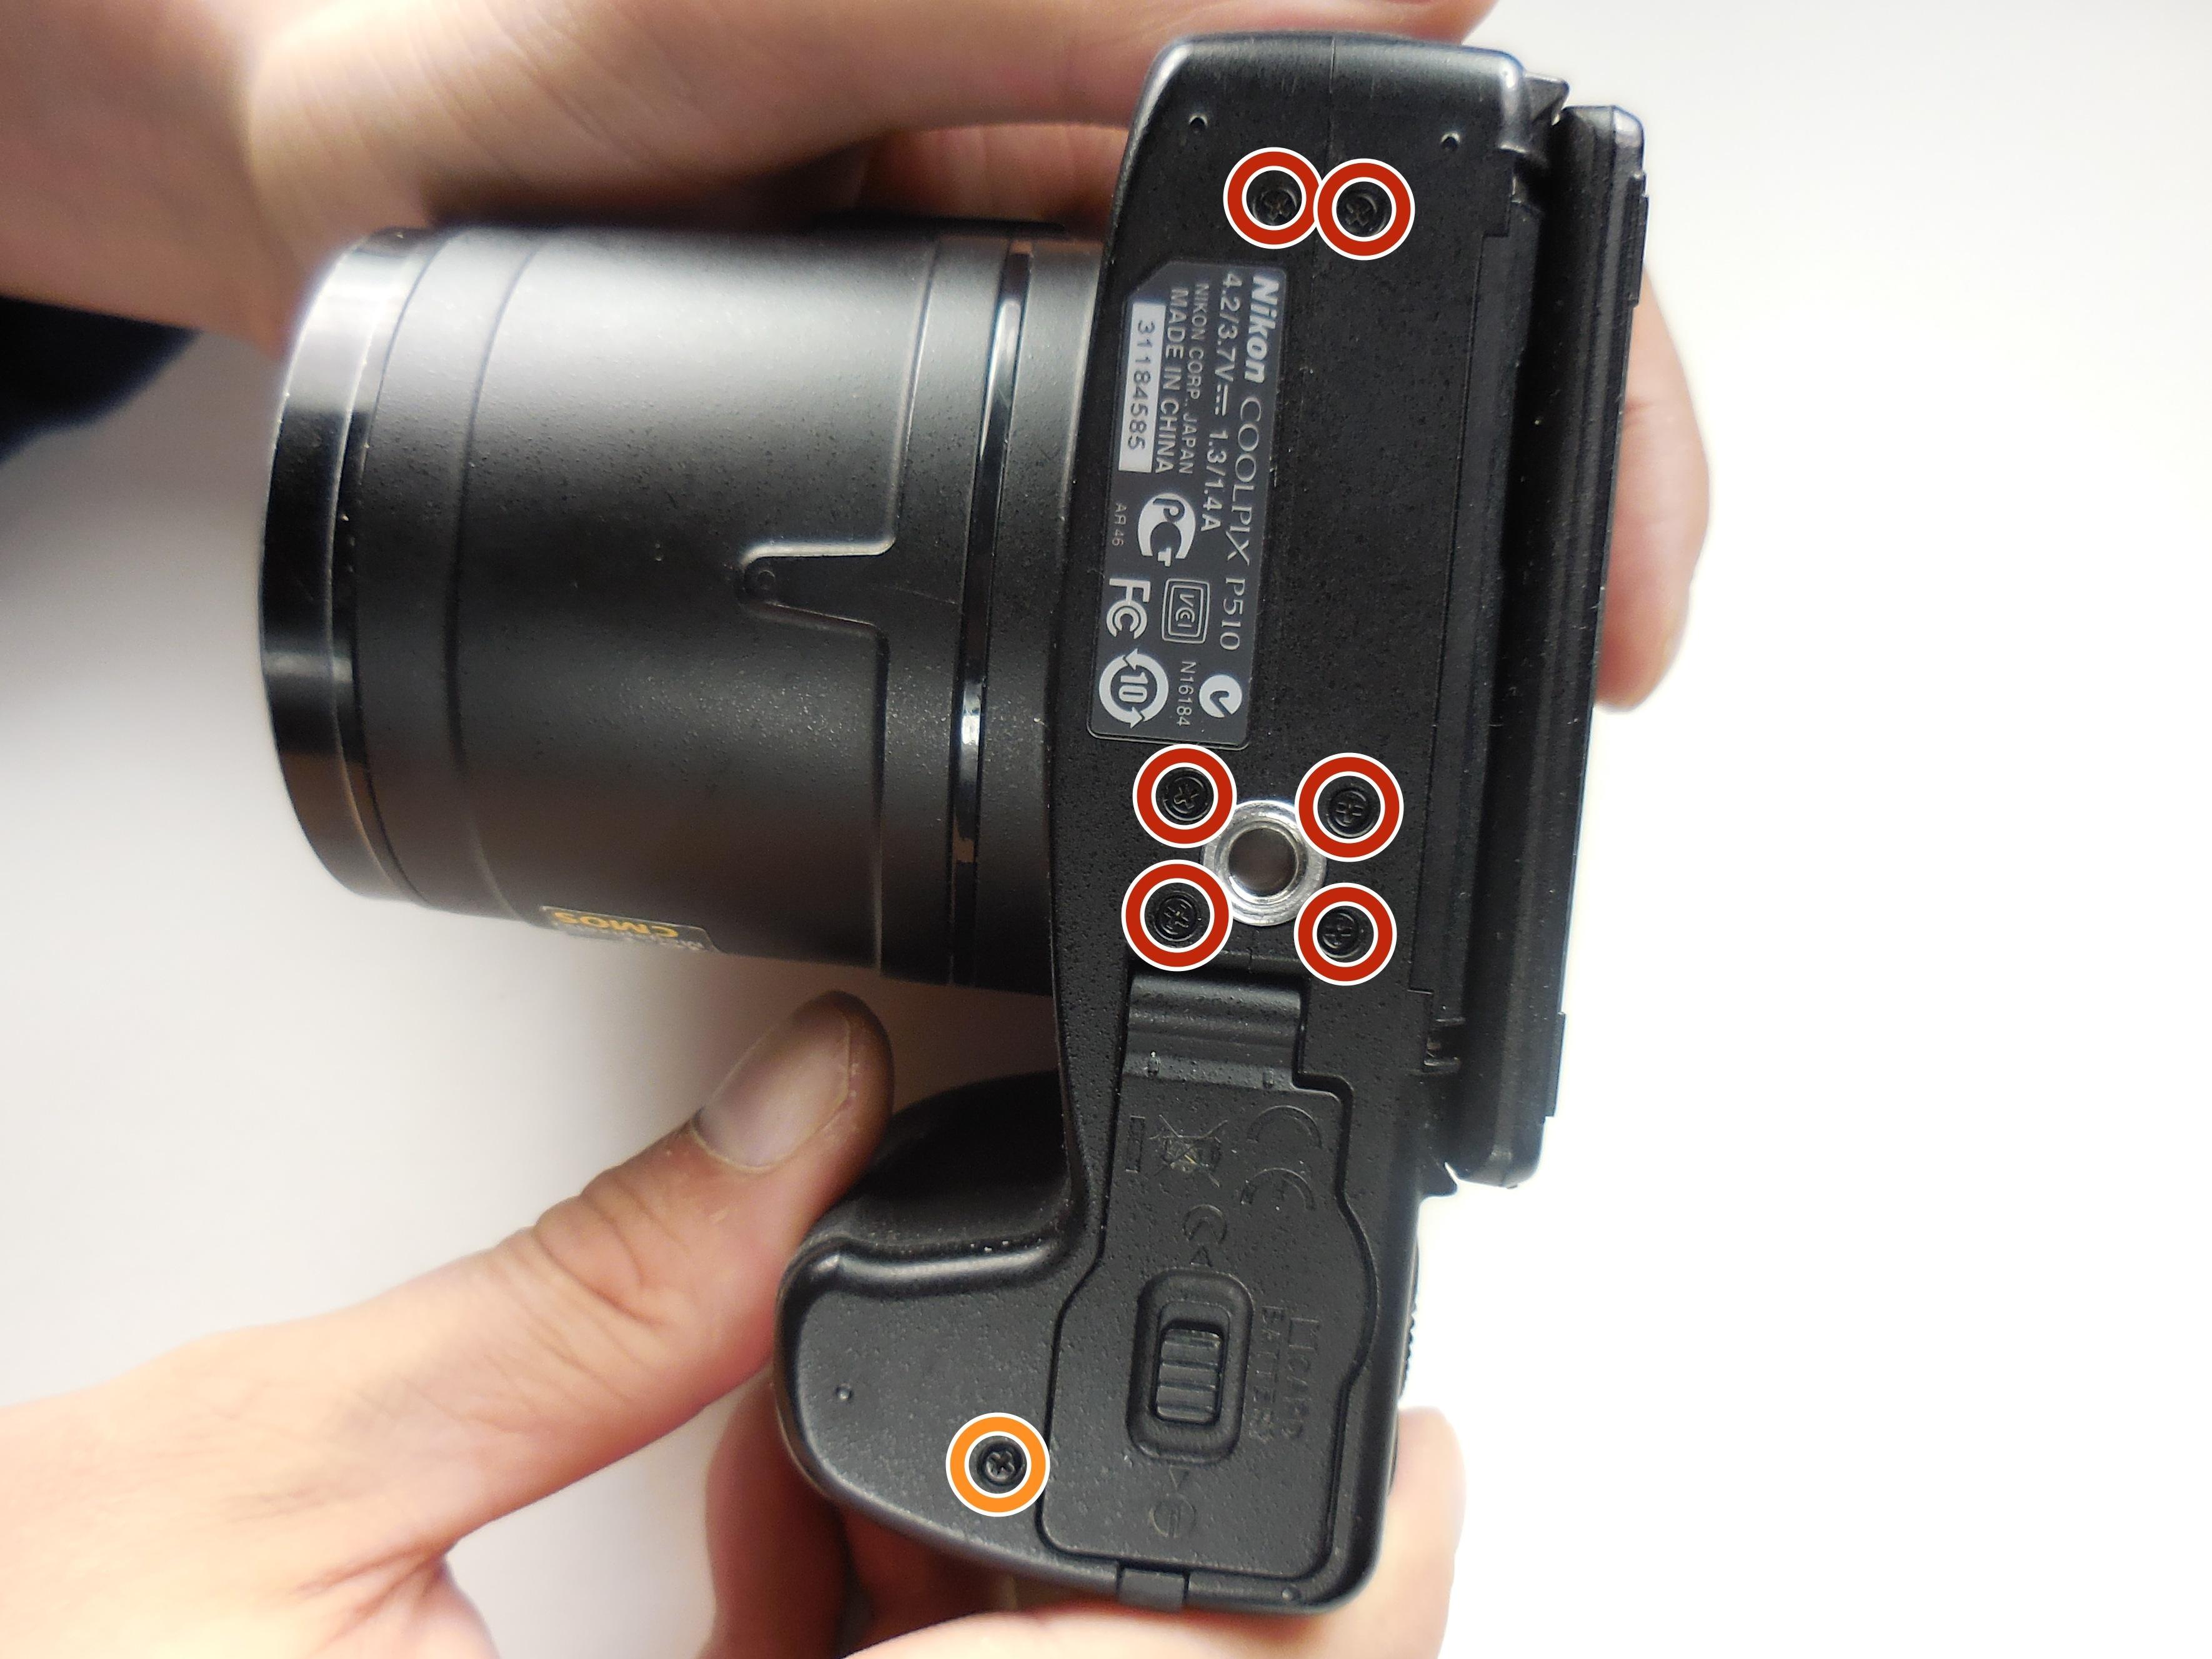 nikon coolpix p510 lens assembly replacement tutoriel de rh fr ifixit com Nikon Coolpix Nikon D500